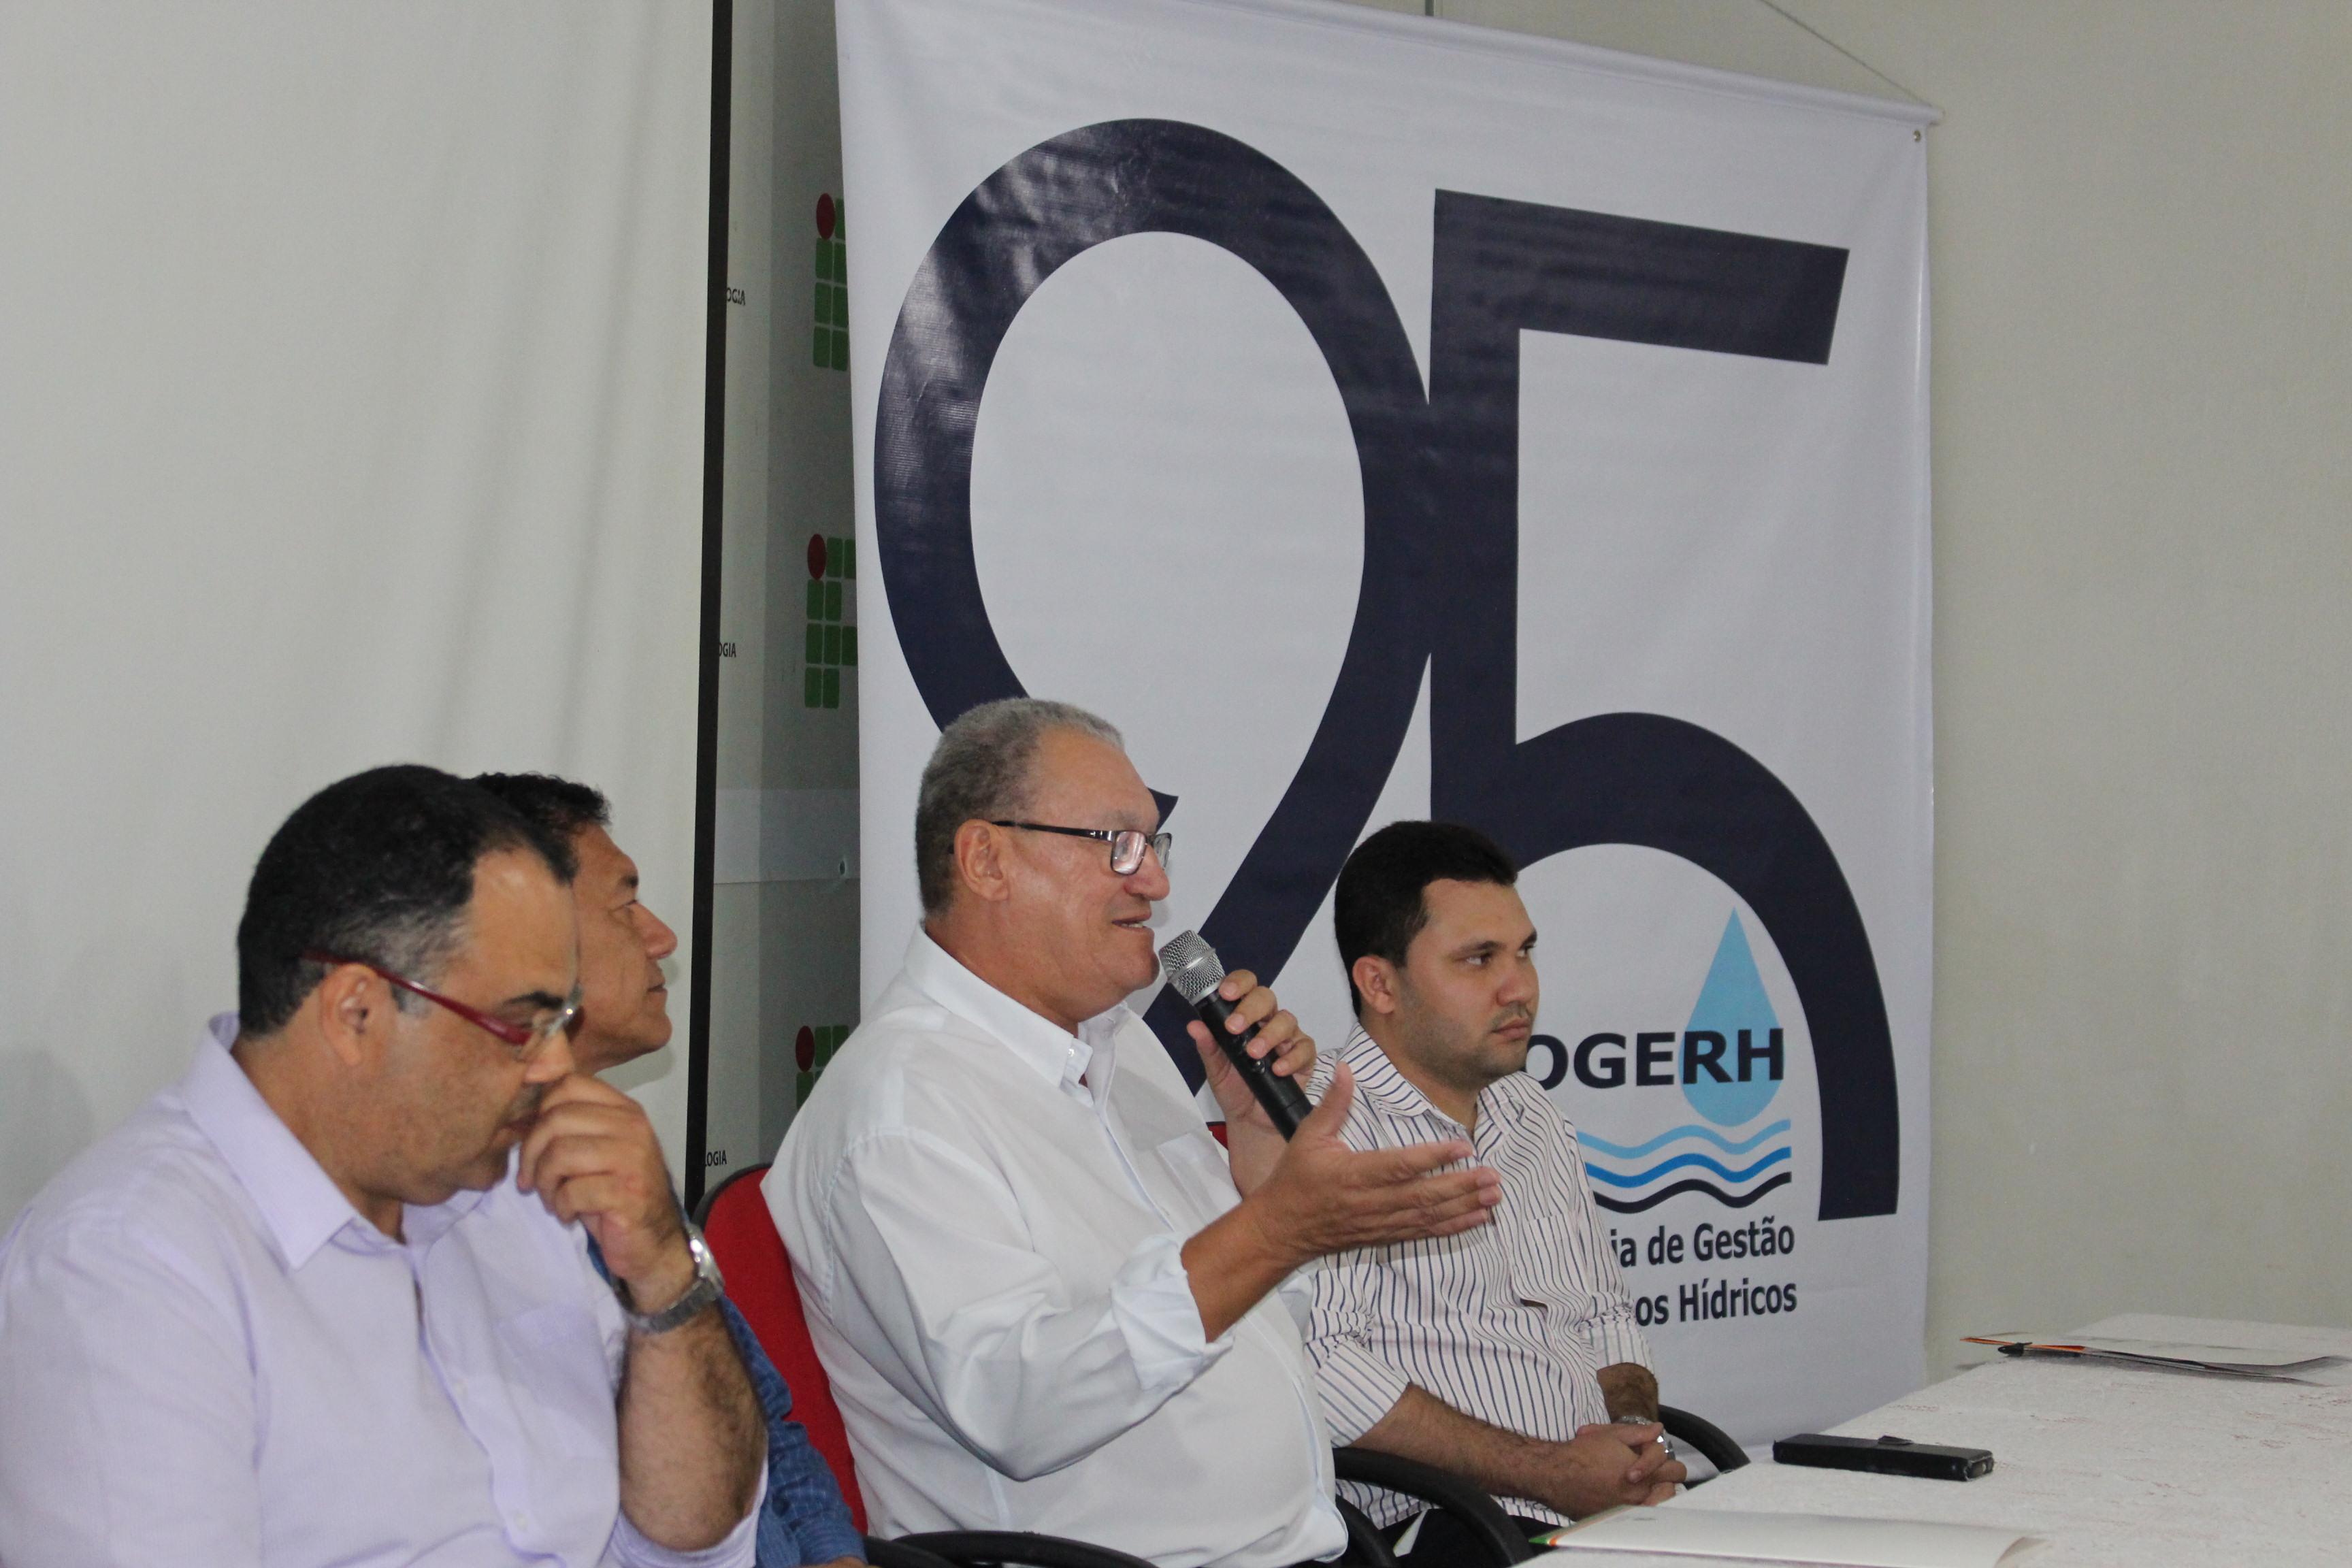 Evento aponta avanços e desafios na gestão da água no Cariri